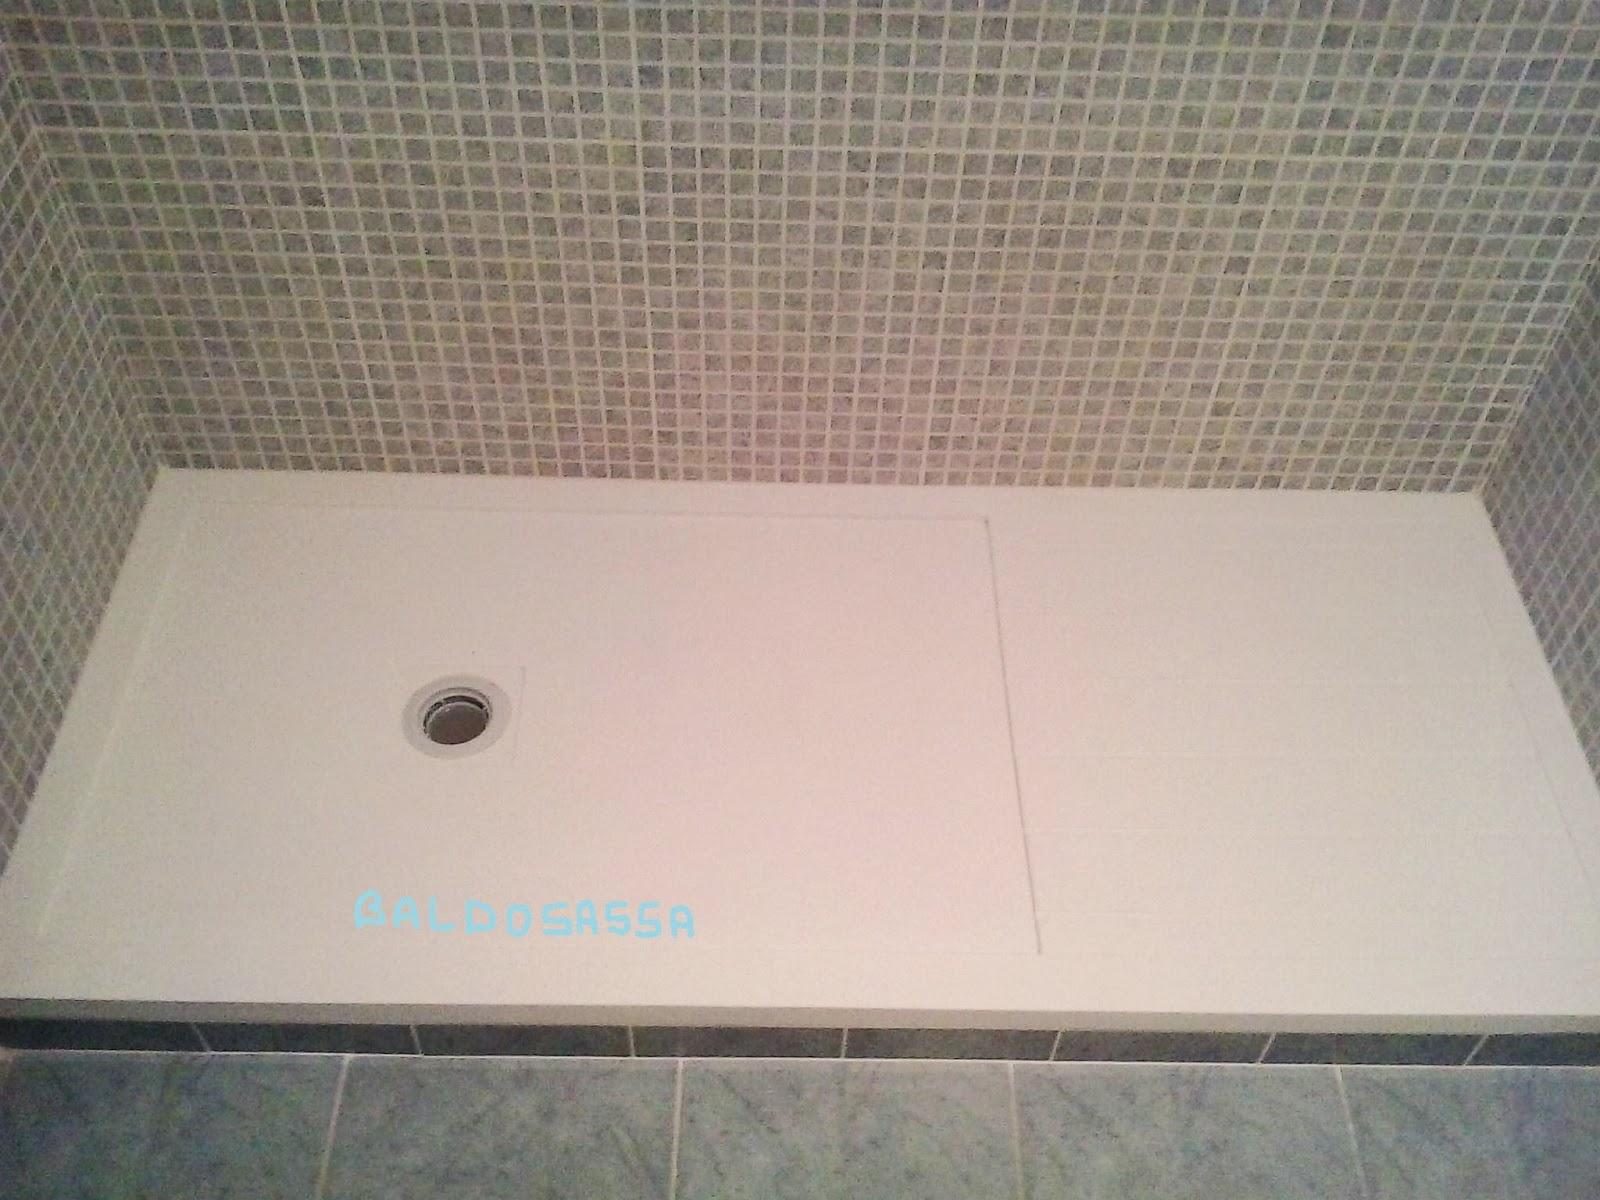 Baldosassa fotos e imagenes de platos de ducha for Cambiar banera por ducha leroy merlin